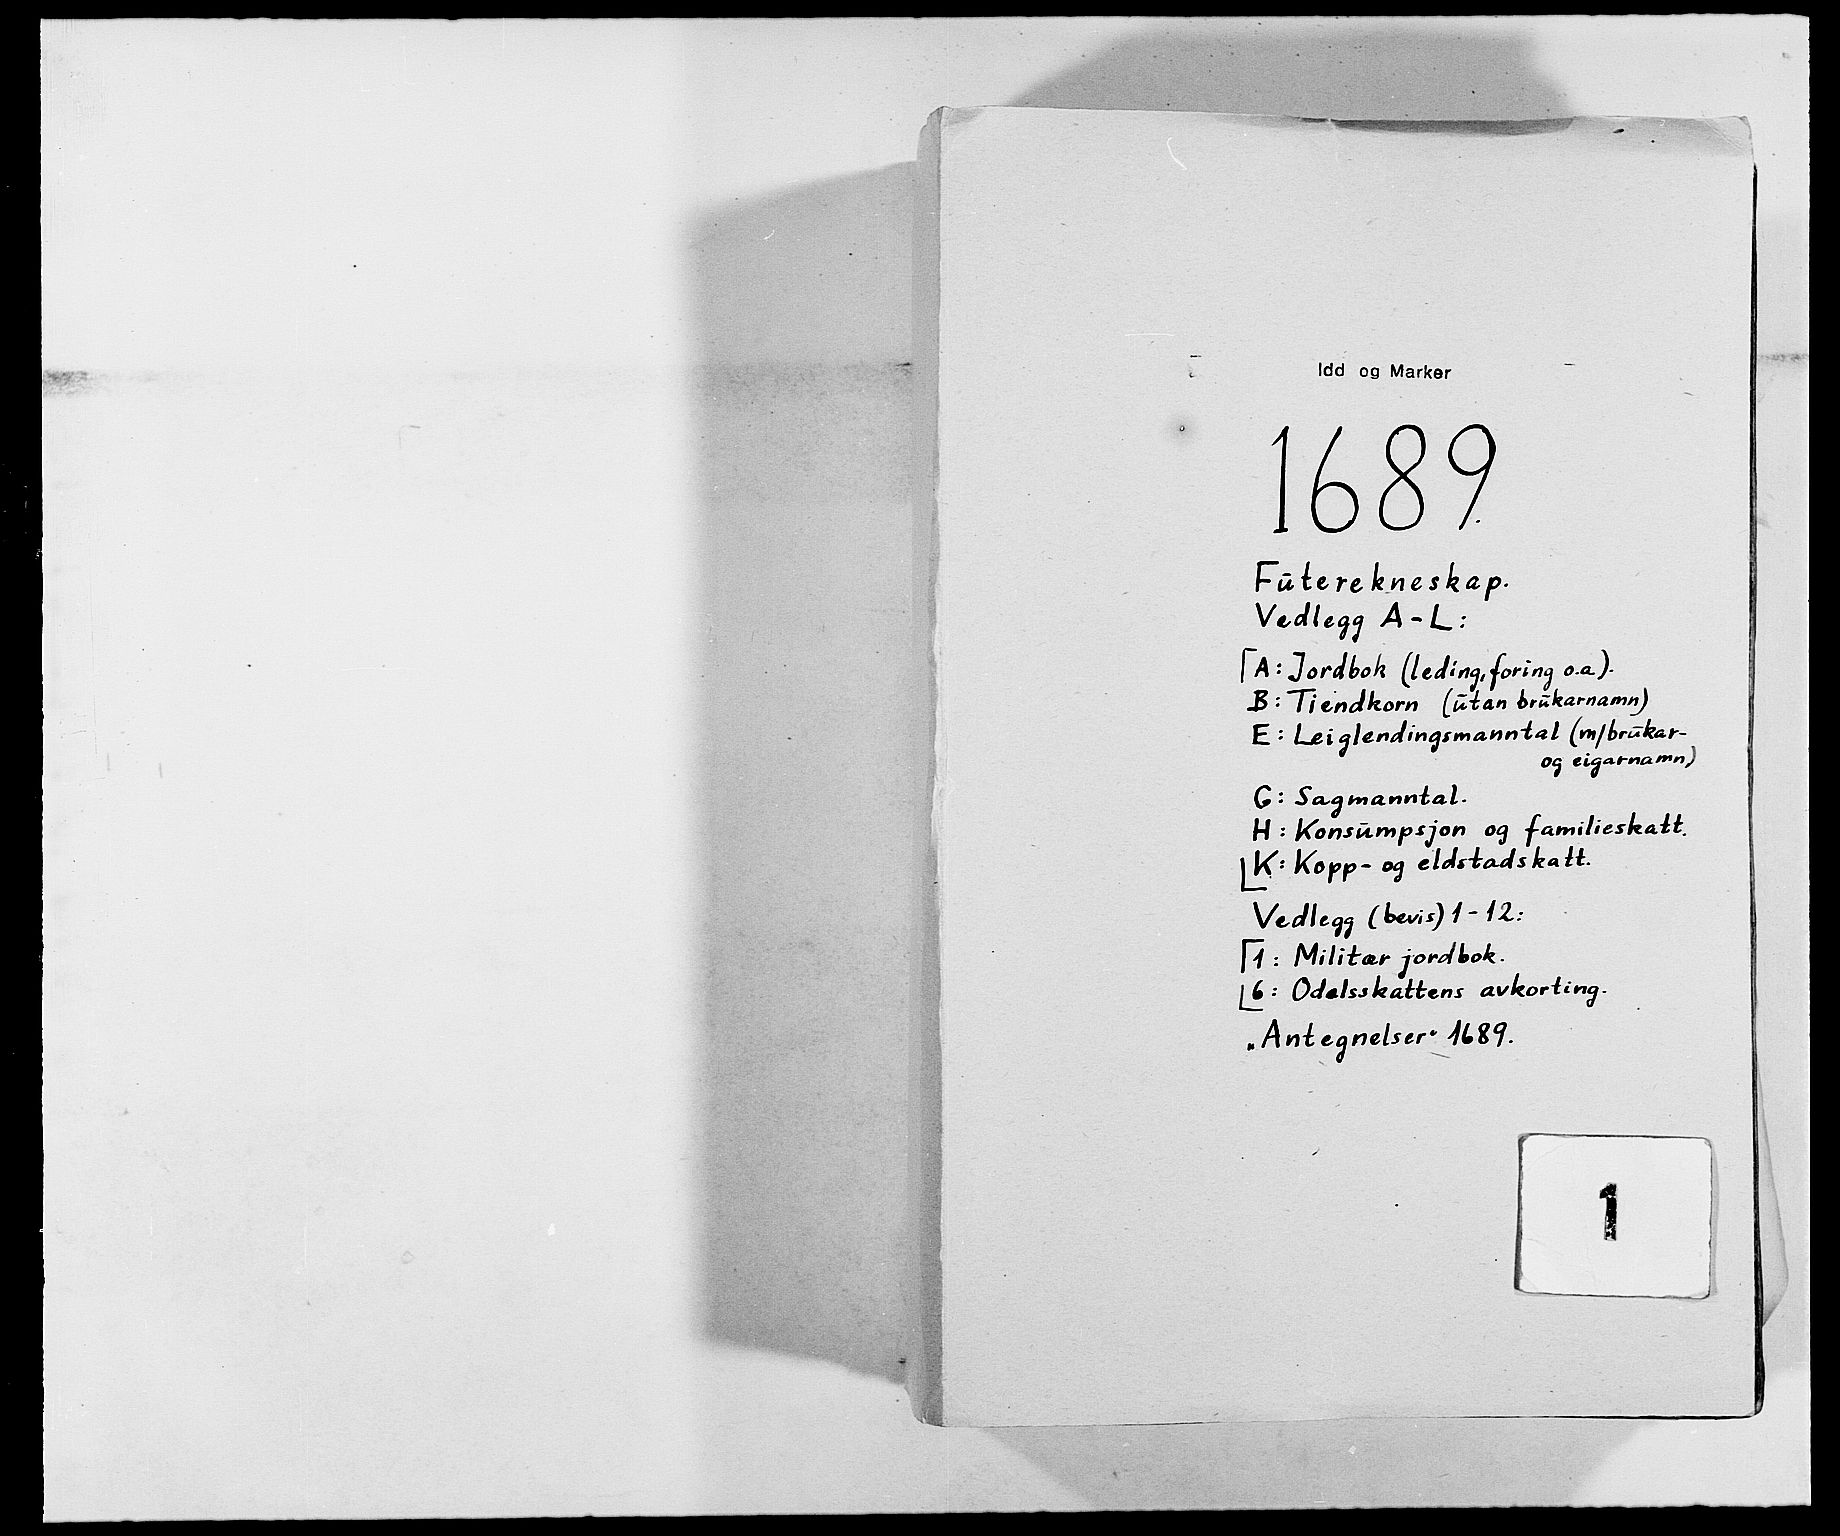 RA, Rentekammeret inntil 1814, Reviderte regnskaper, Fogderegnskap, R01/L0008: Fogderegnskap Idd og Marker, 1689, p. 1